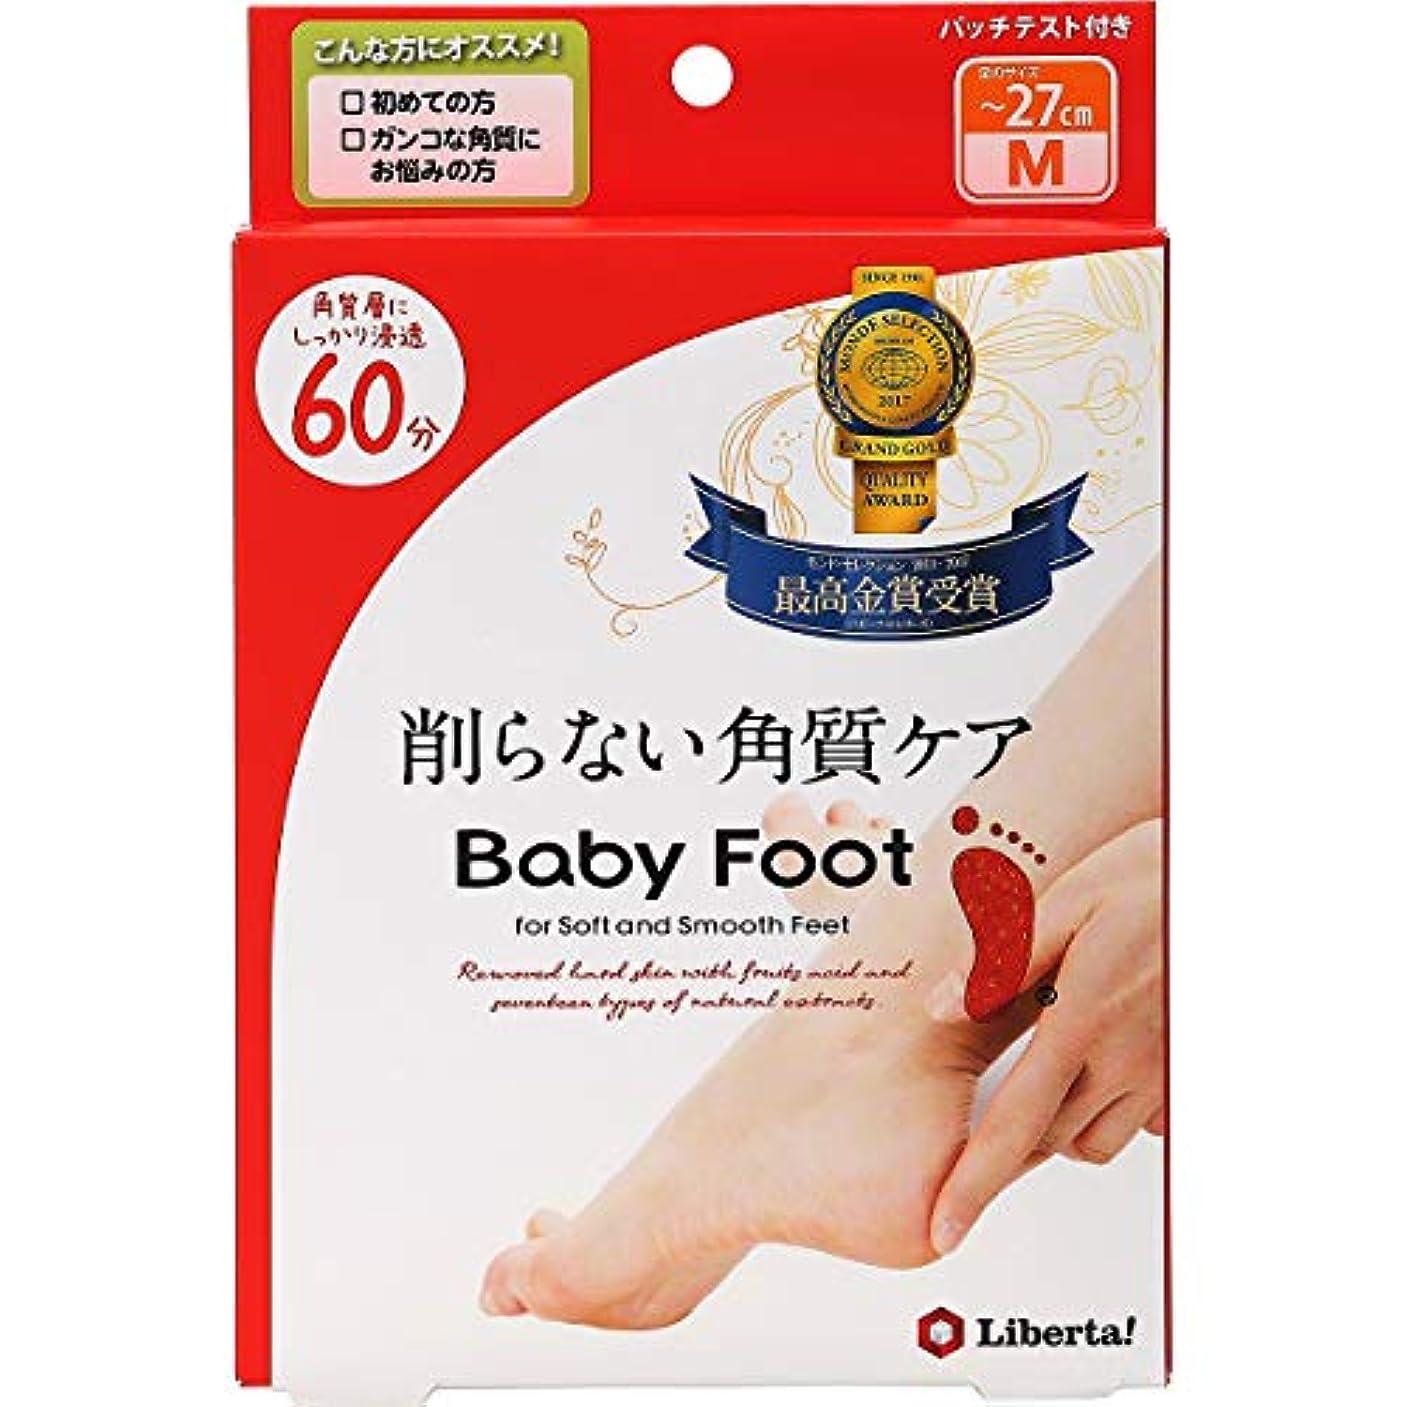 毒バランスごちそうベビーフット (Baby Foot) ベビーフット イージーパック SPT60分タイプ Mサイズ 単品